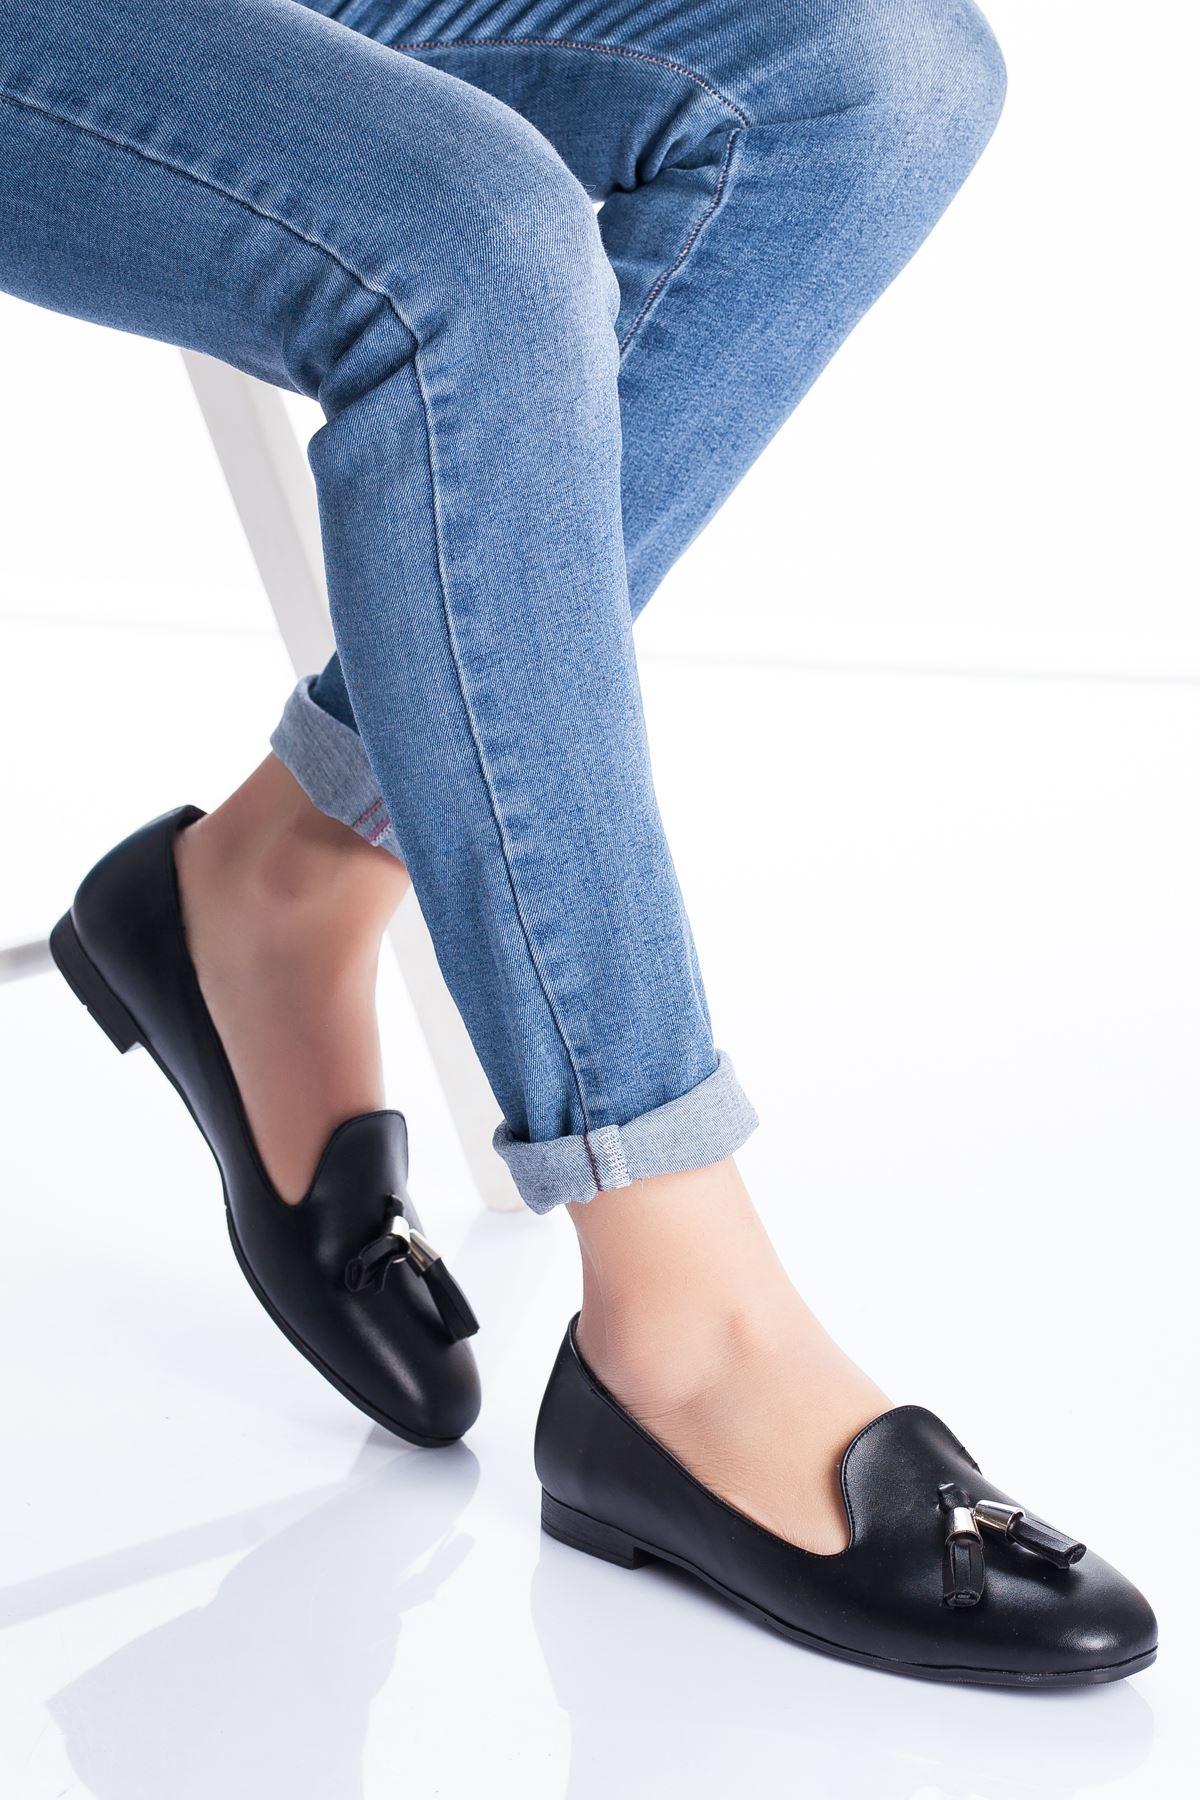 Kiya Babet Ayakkabı SIYAH